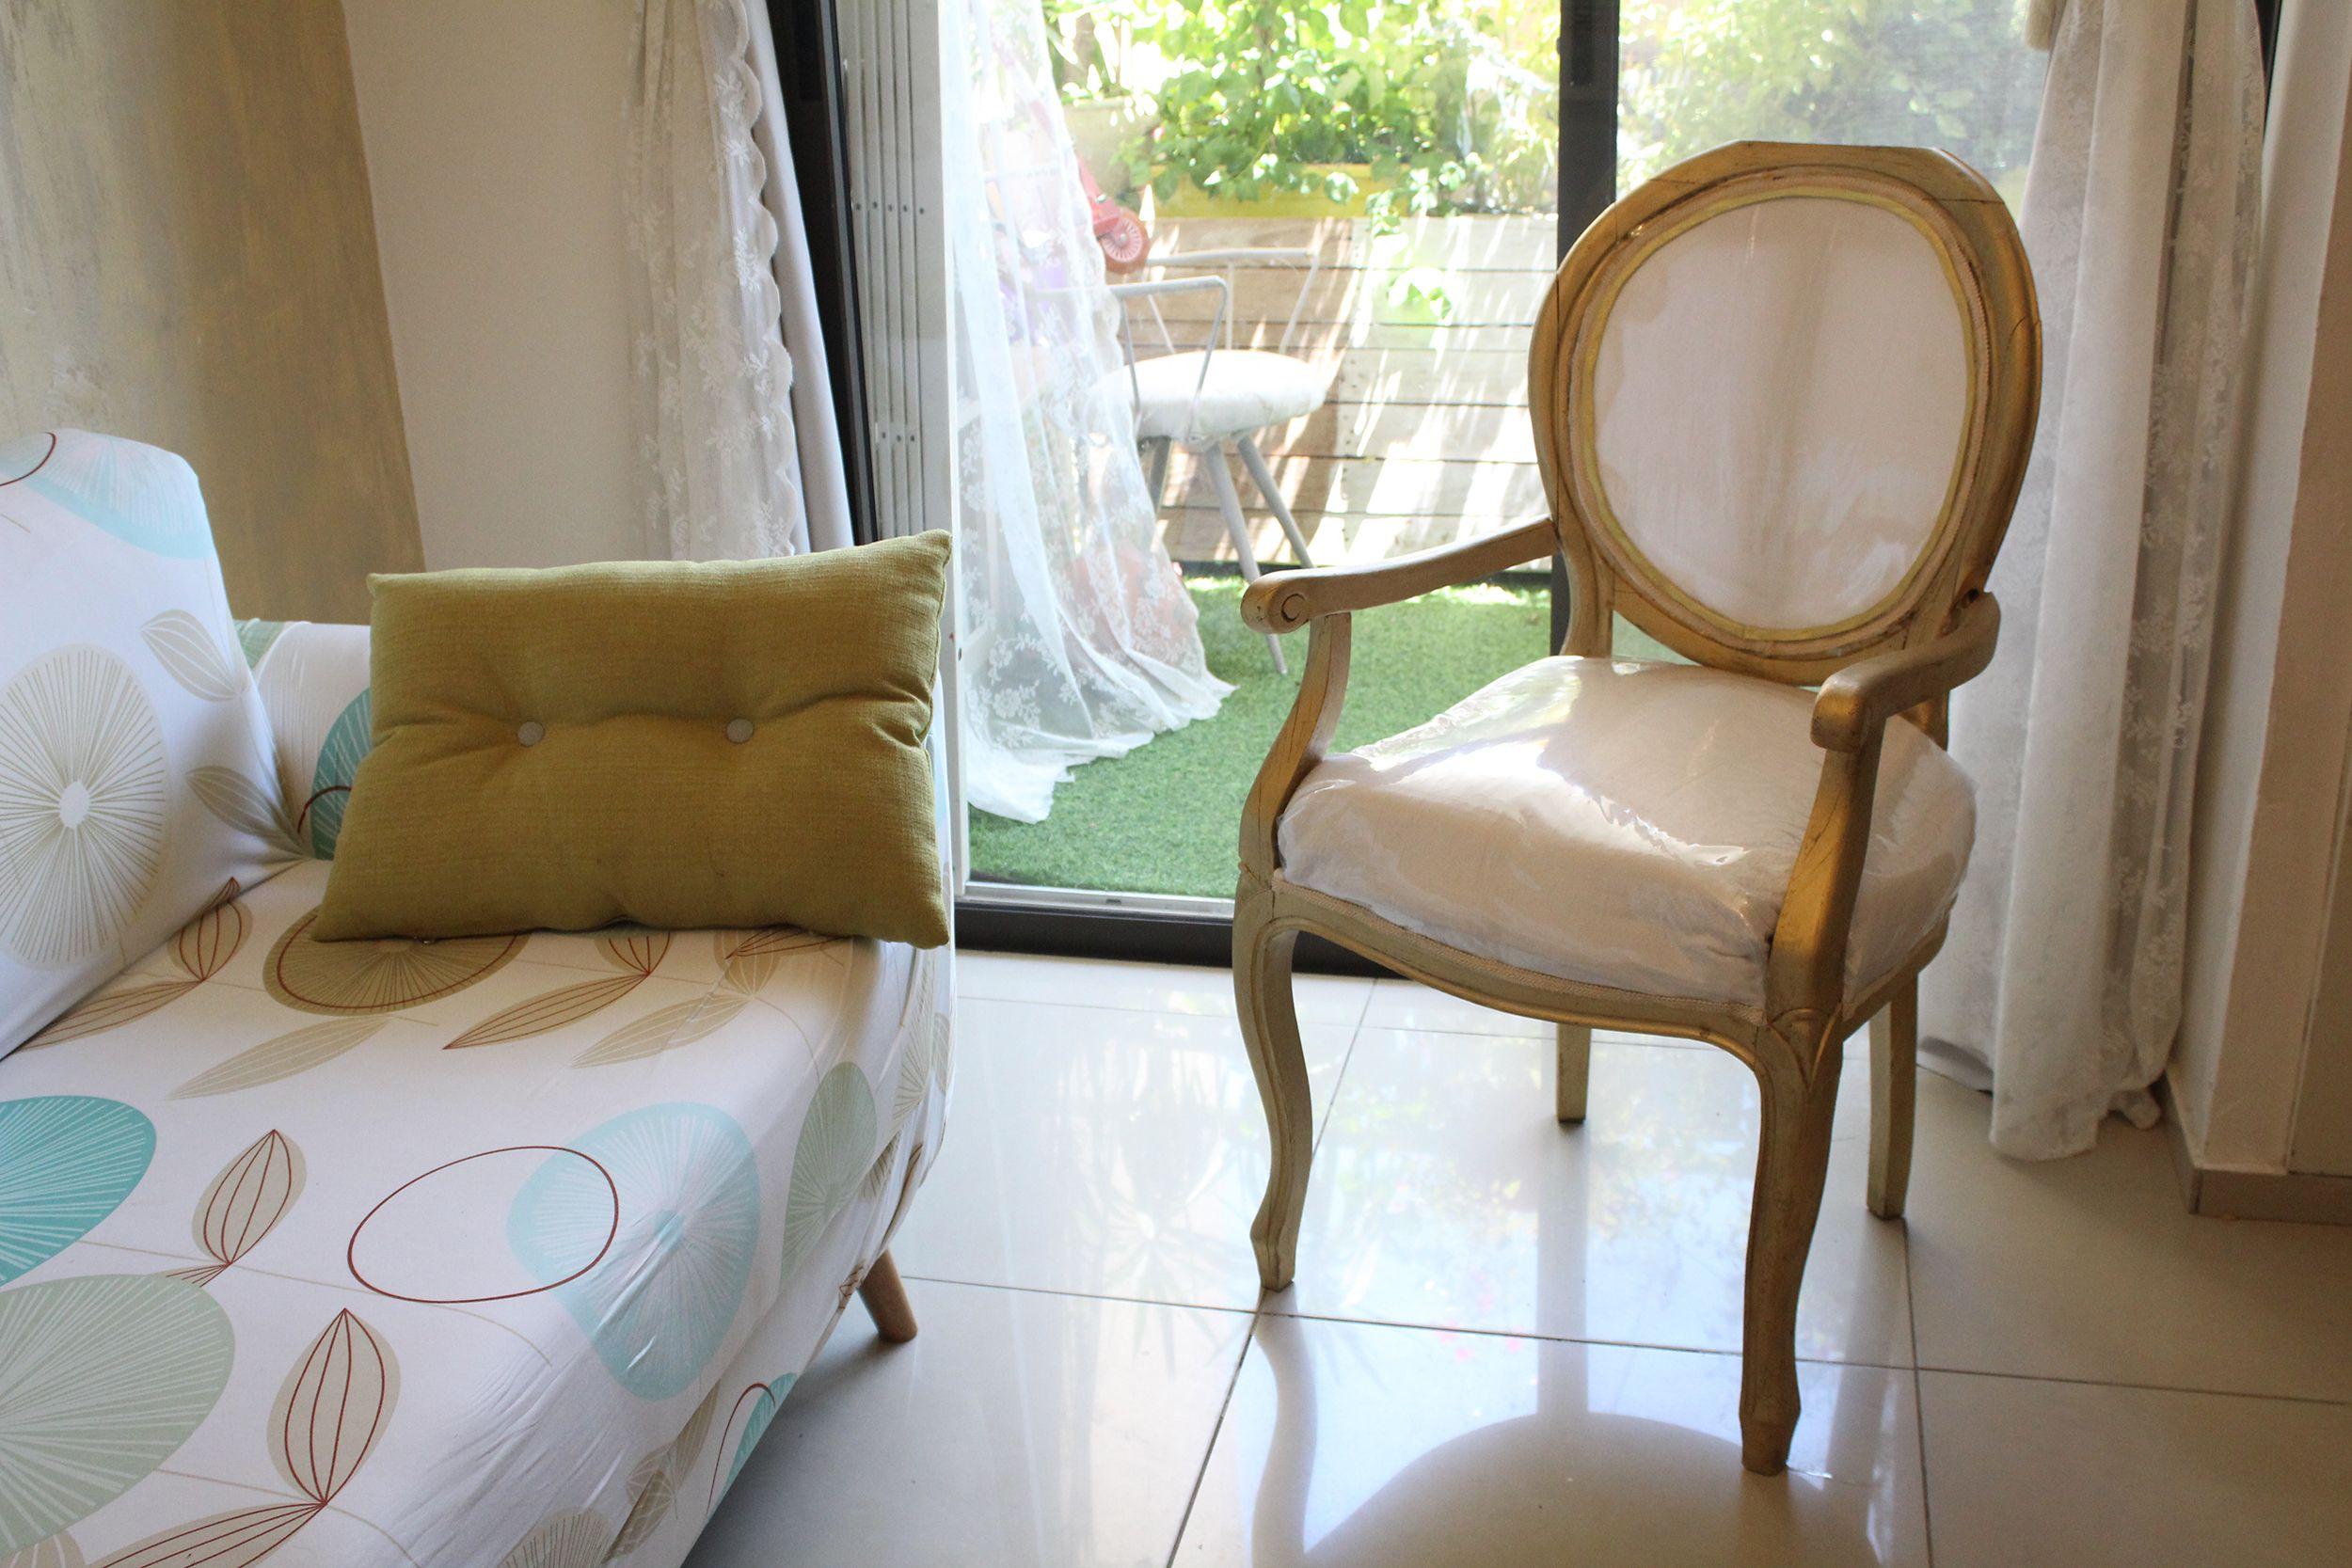 IMG 4206 - חידוש כסא עתיק